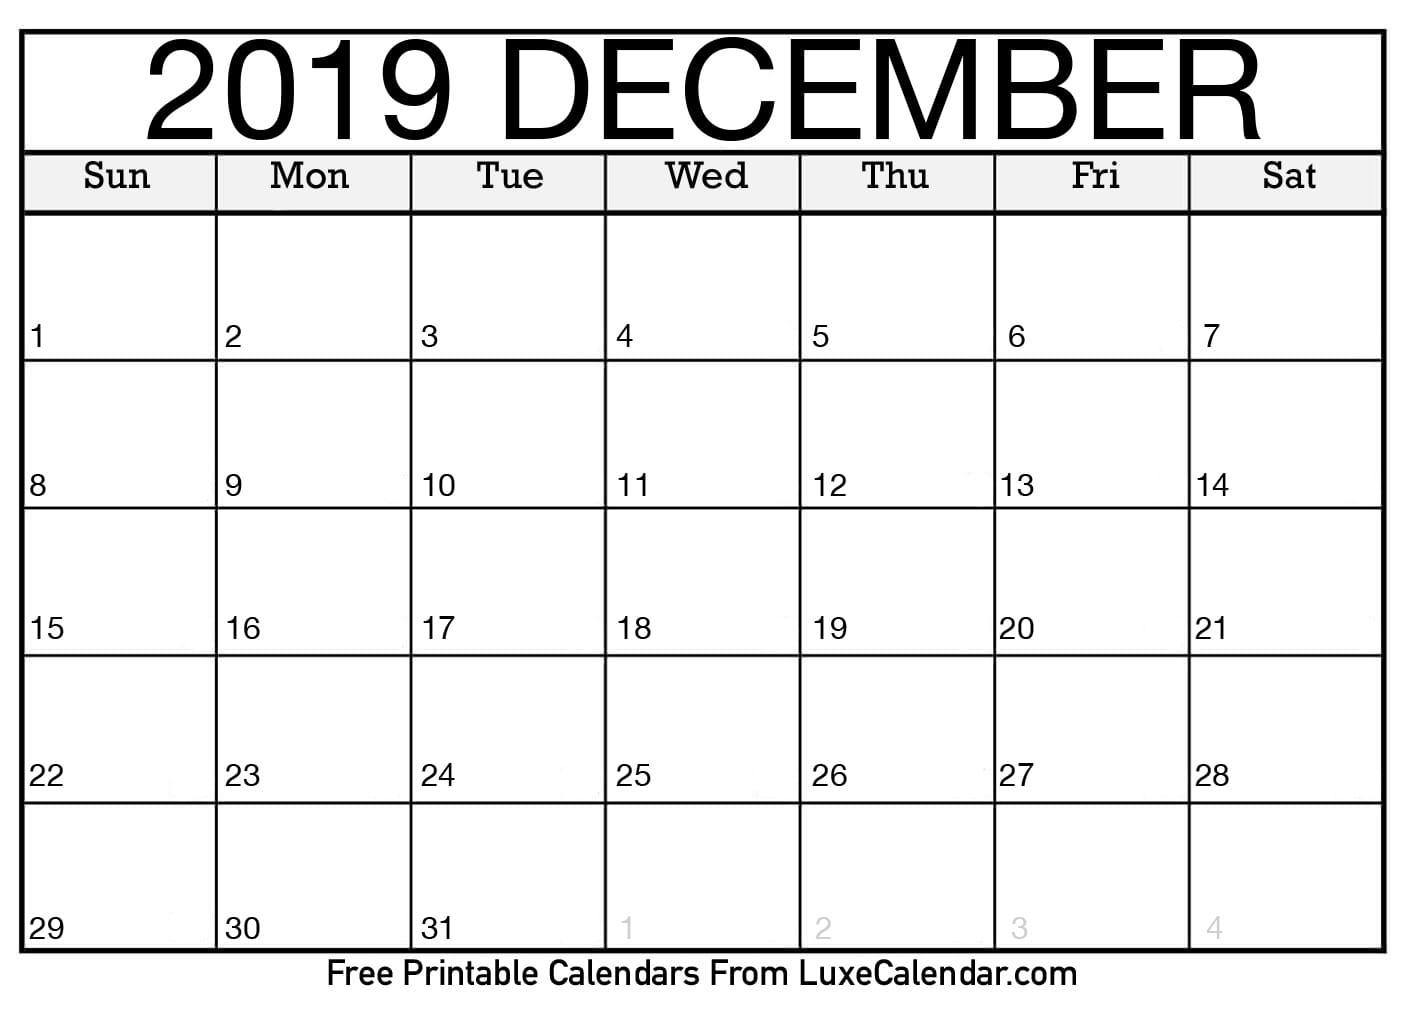 Blank December 2019 Calendar Printable - Luxe Calendar for Nov Calendar Printable Template